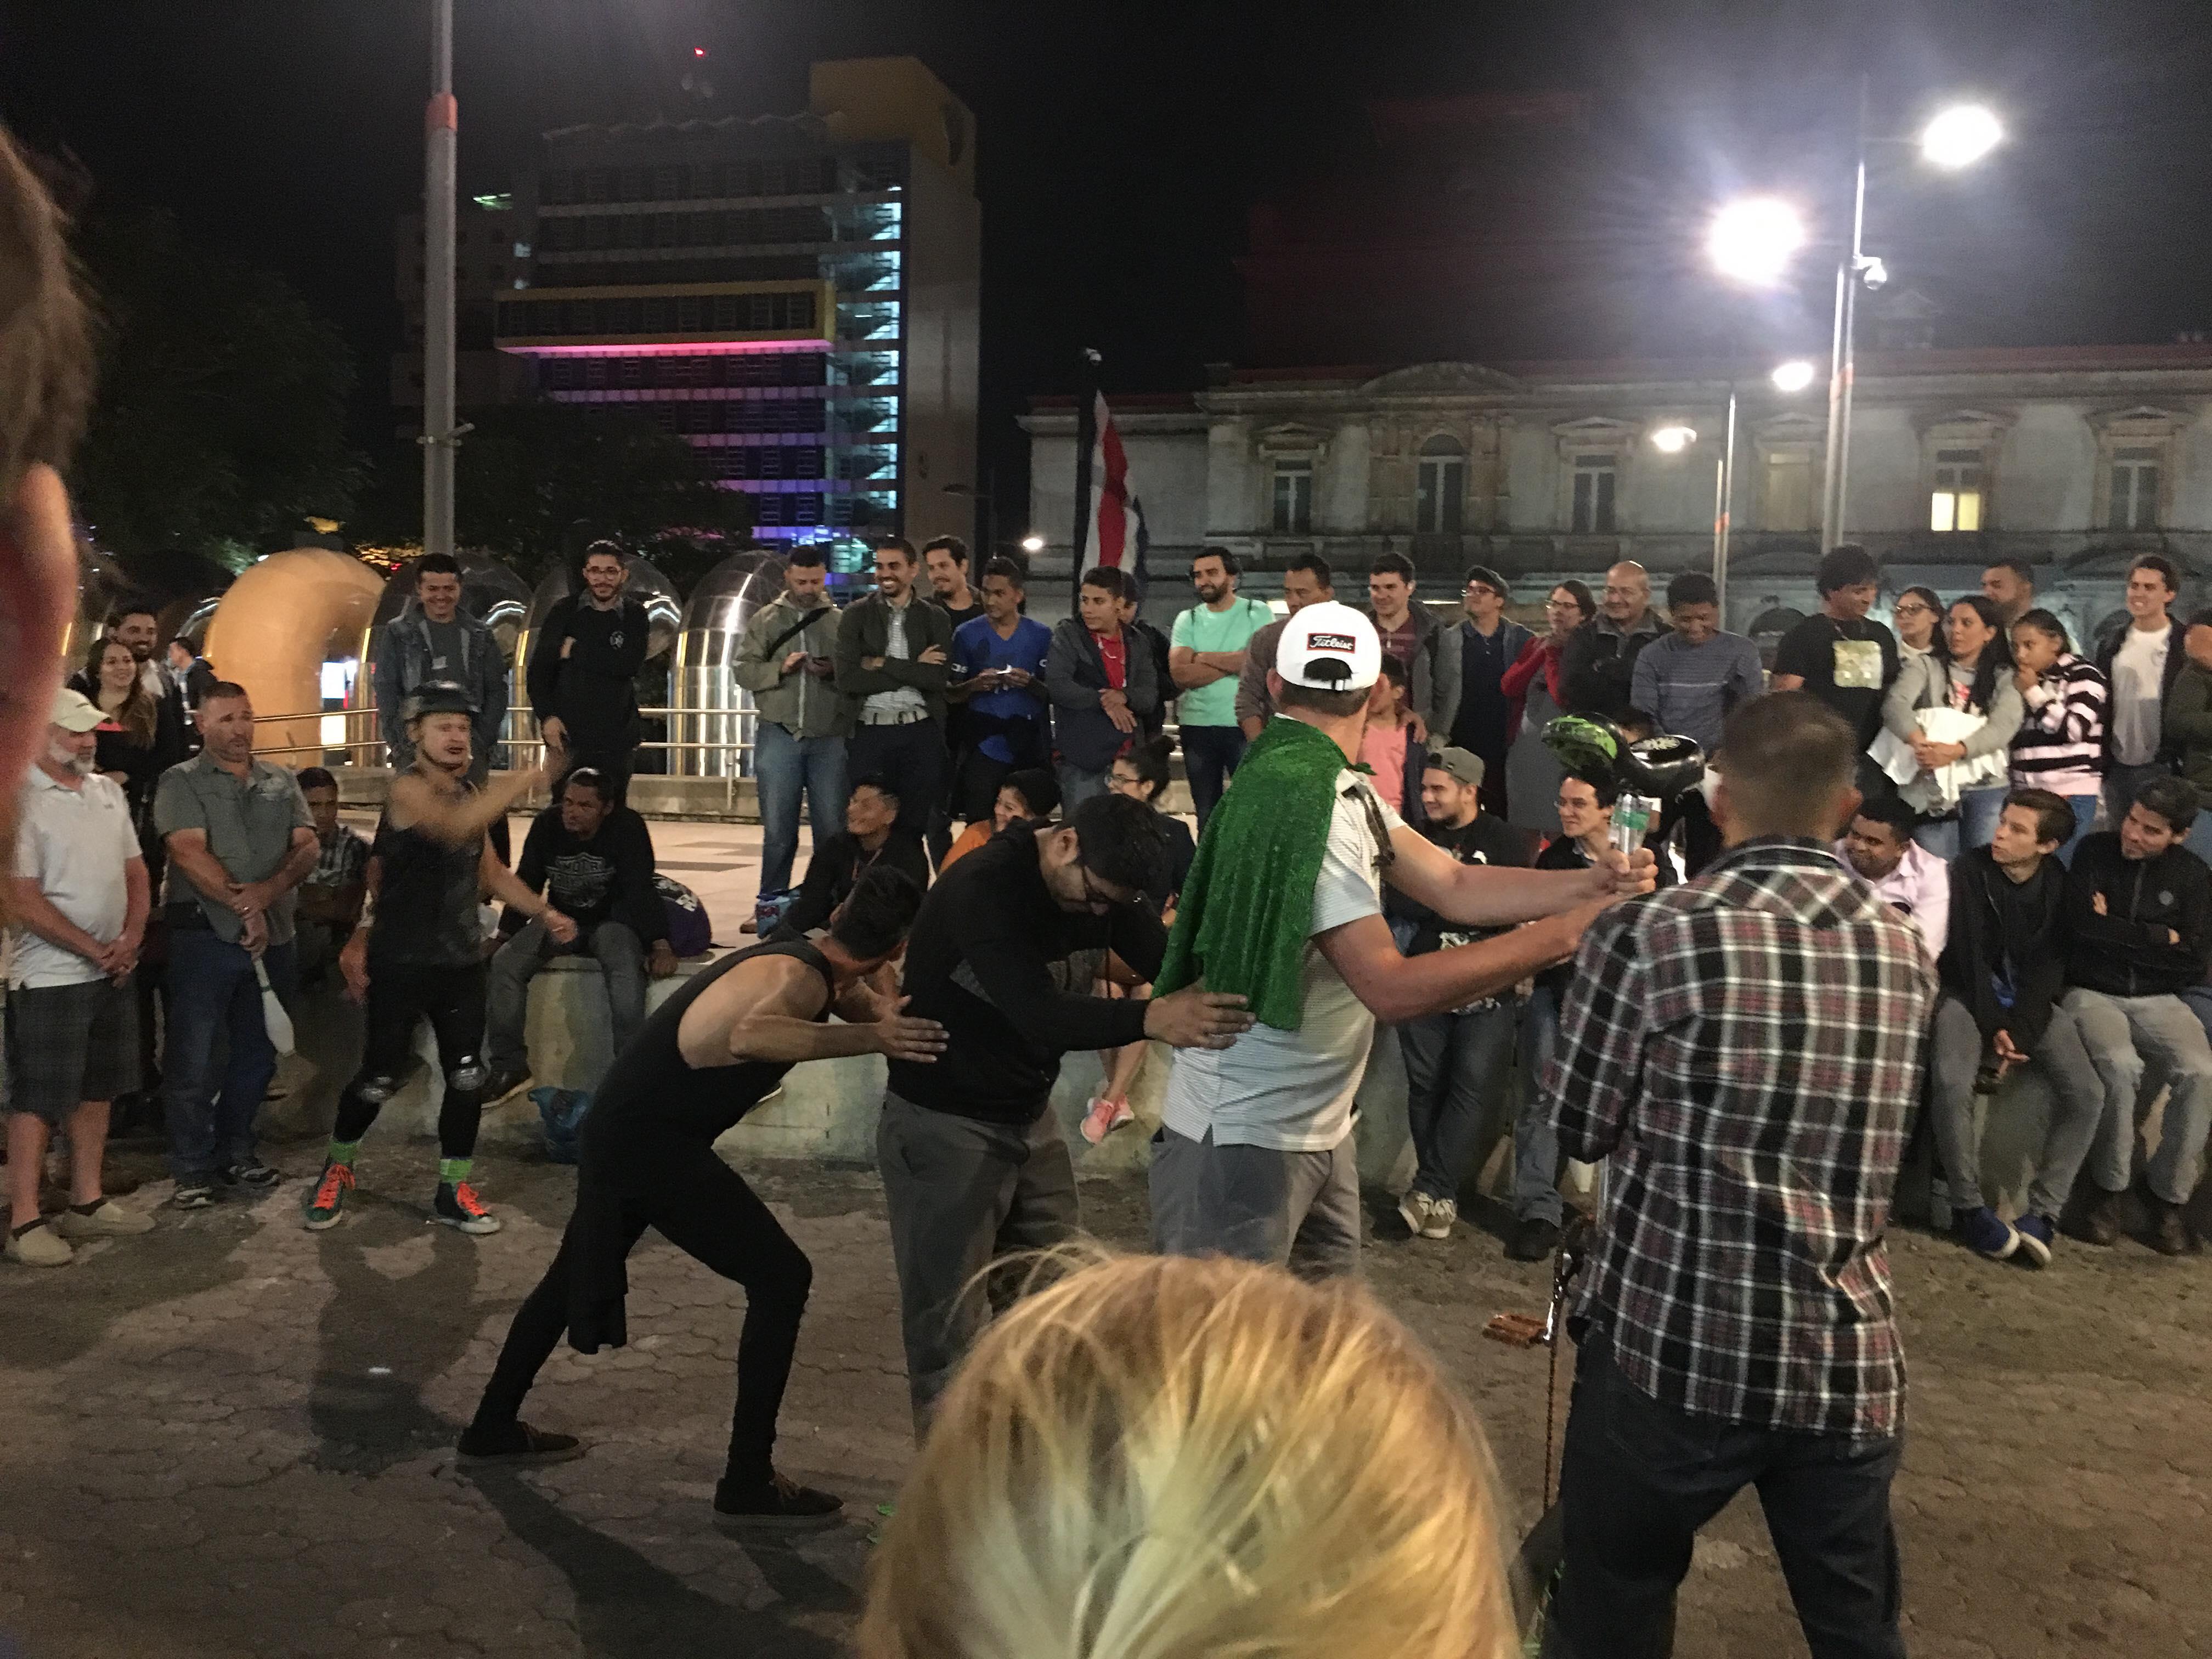 street preformer in SJ